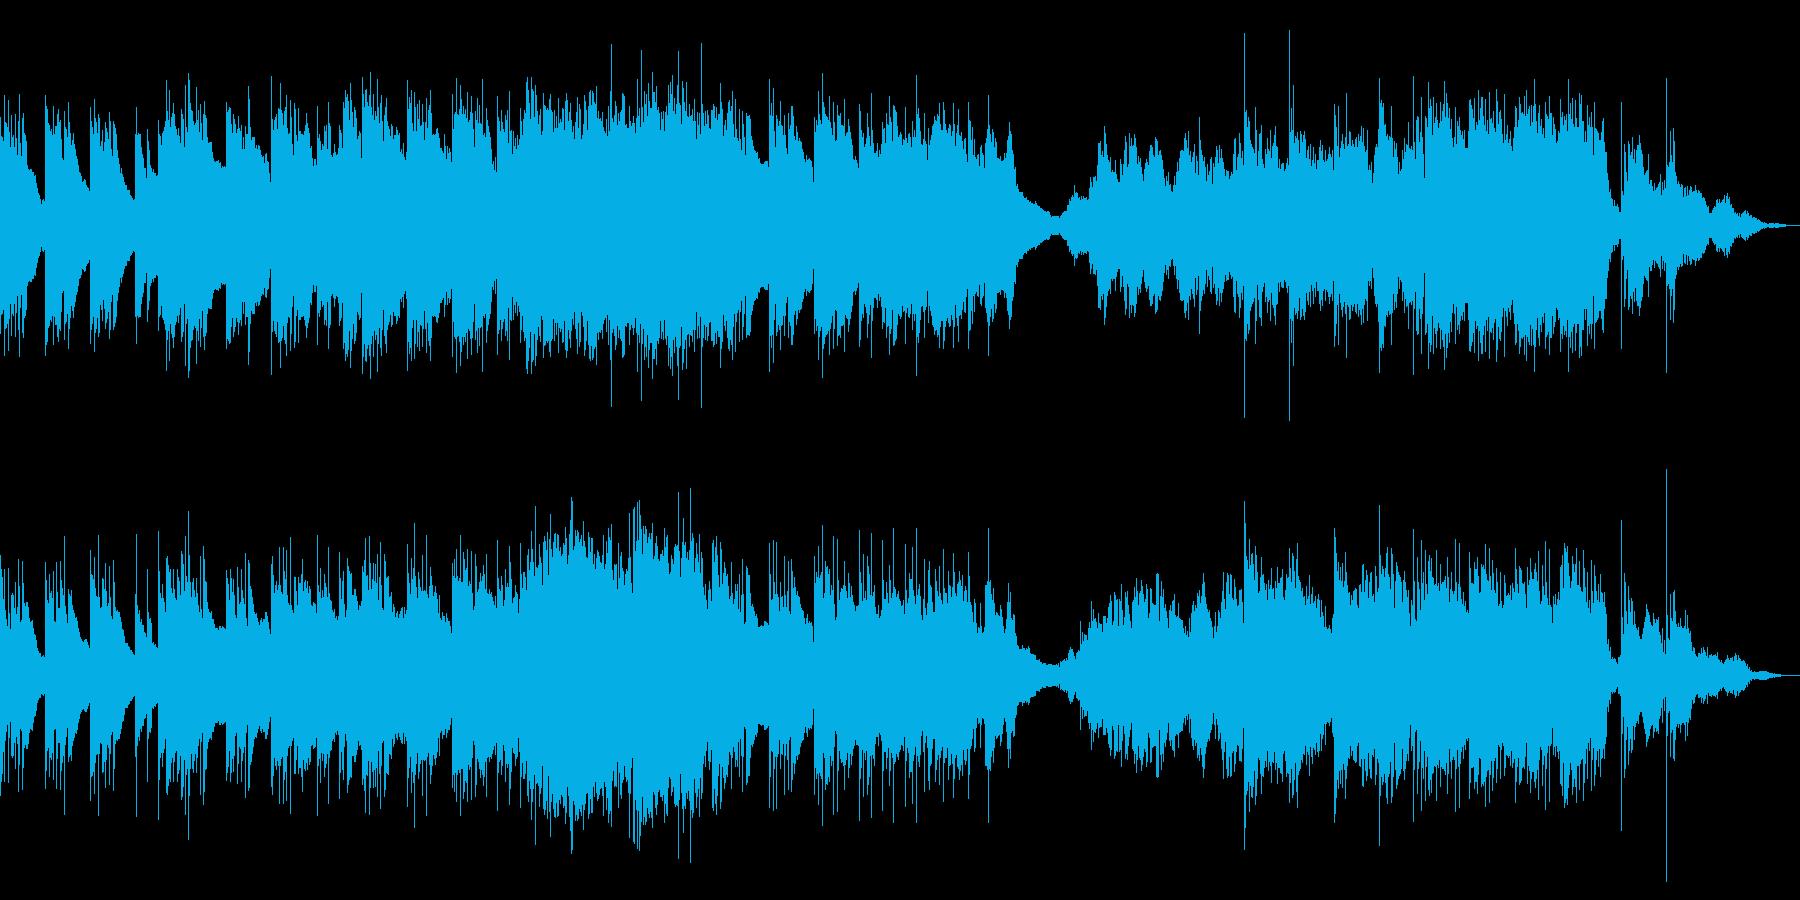 ノスタルジックなピアノ曲の再生済みの波形